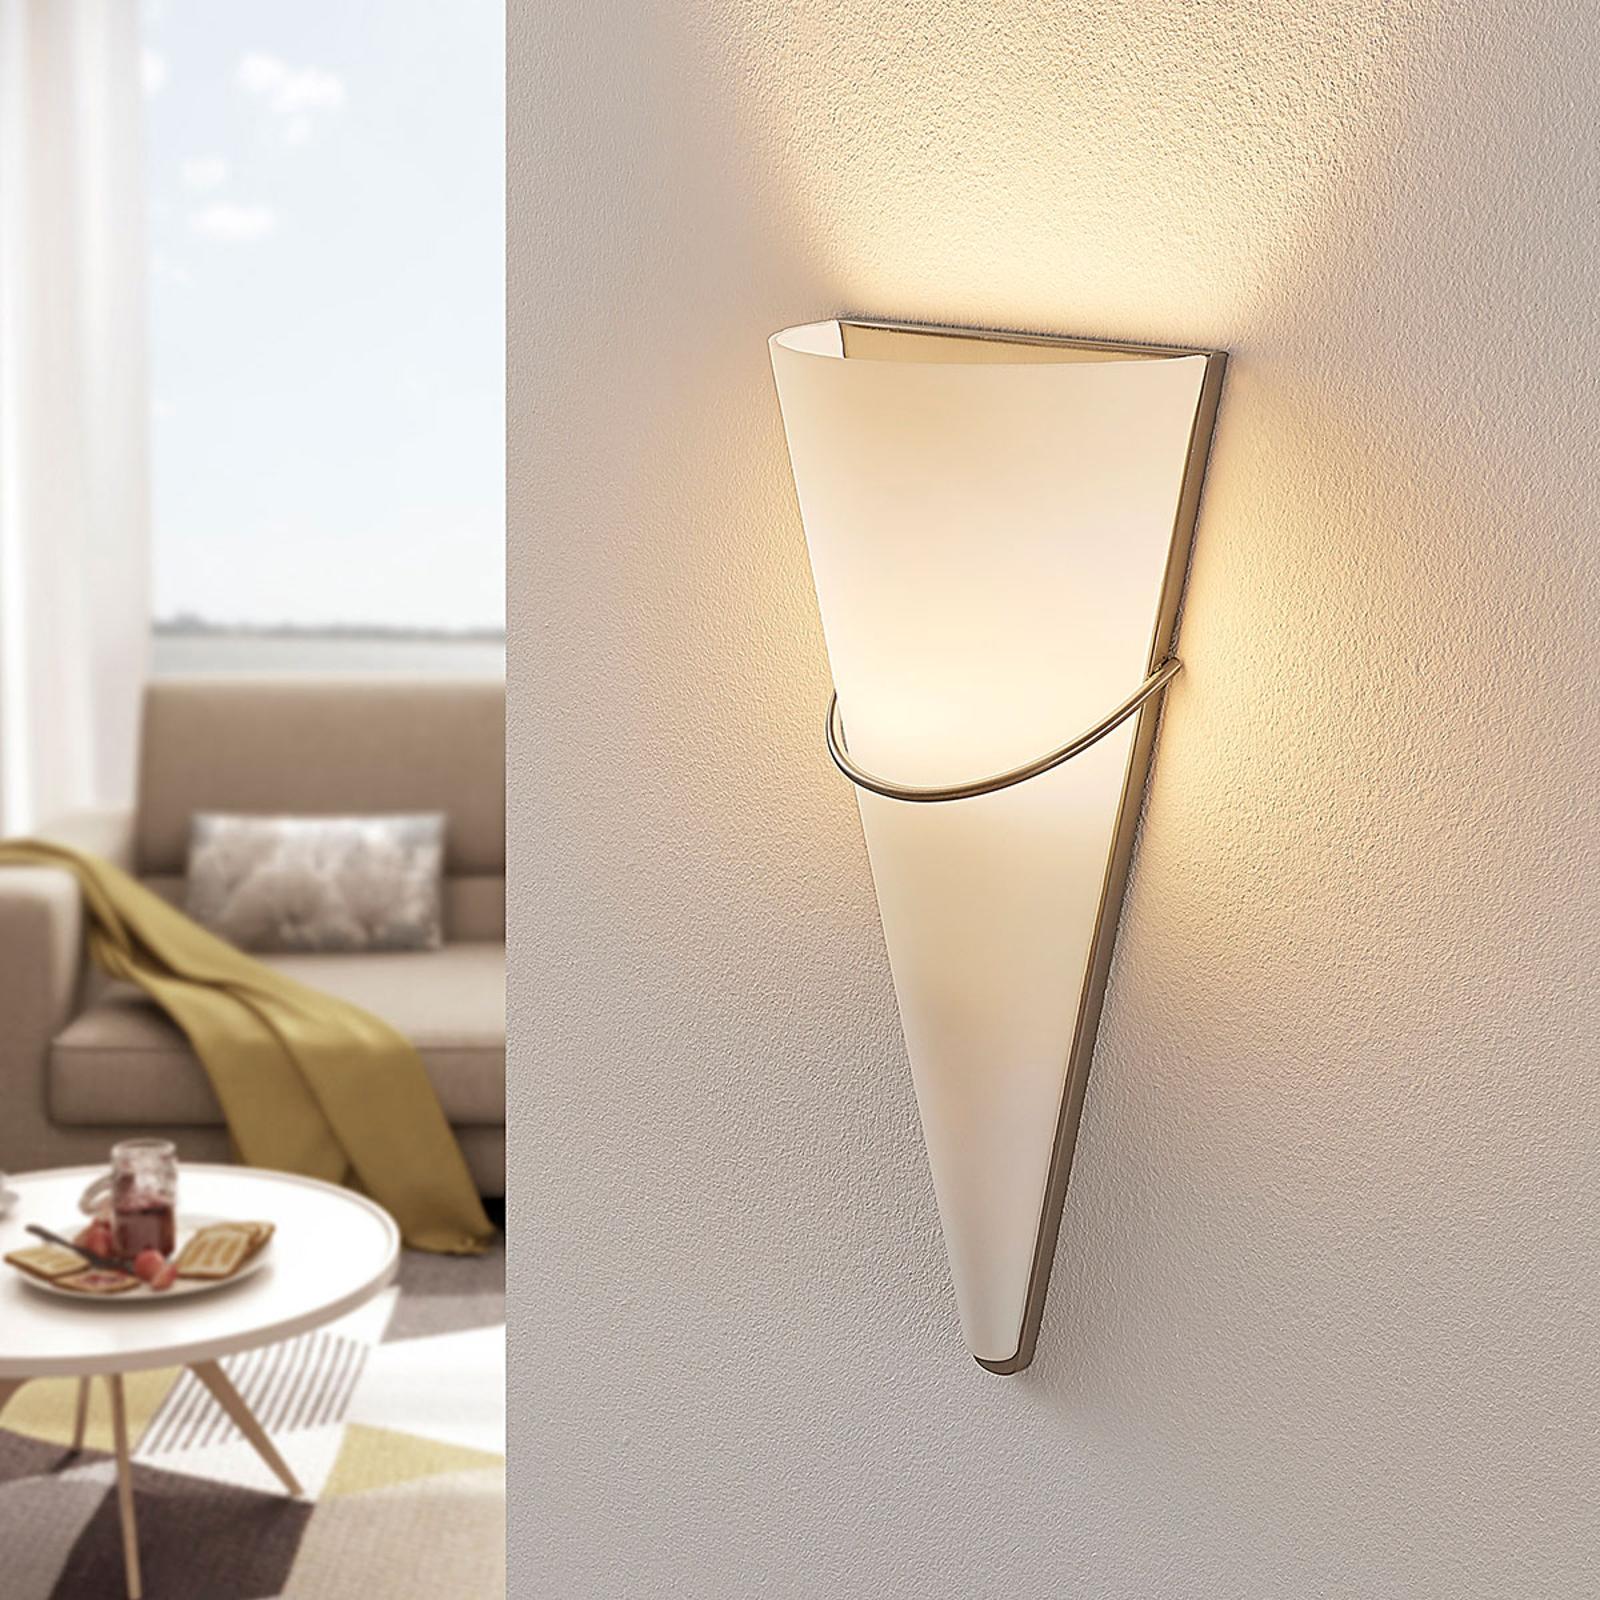 LED-seinävalaisin Melek opaalilasia, nikkeli